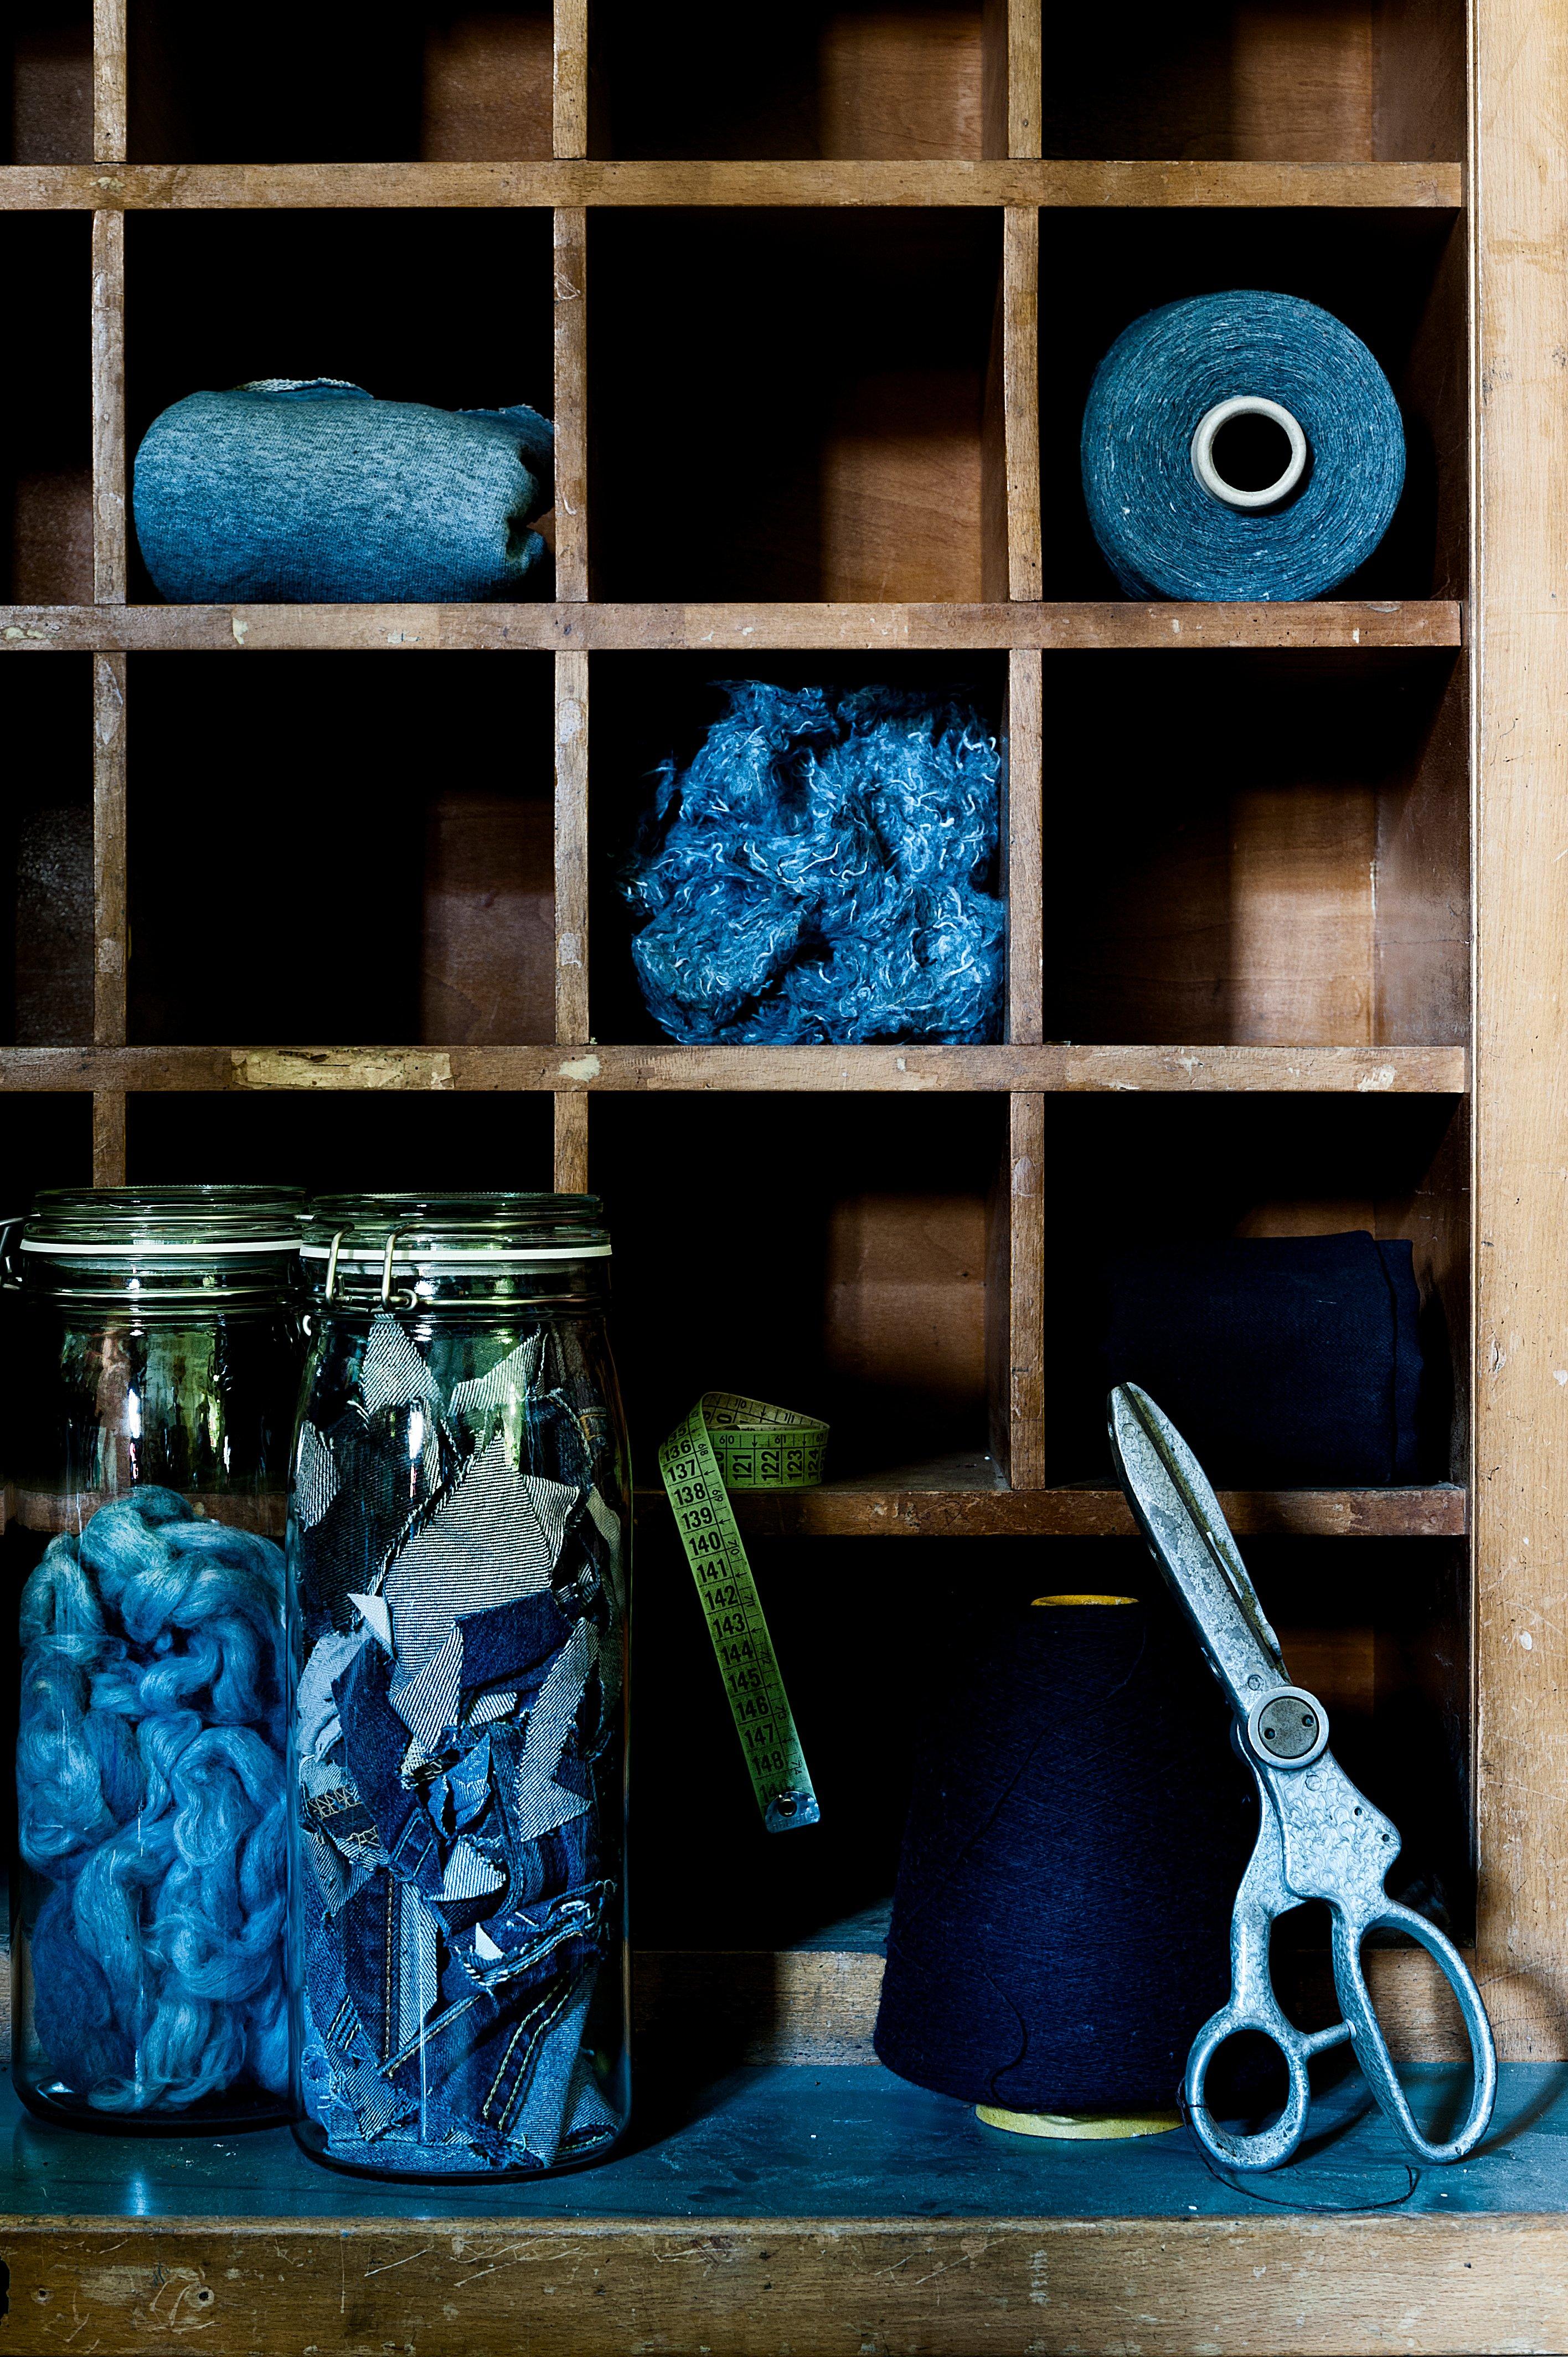 Zerkleinerte Jeans und Nähutensilien der Firma Blue Loop